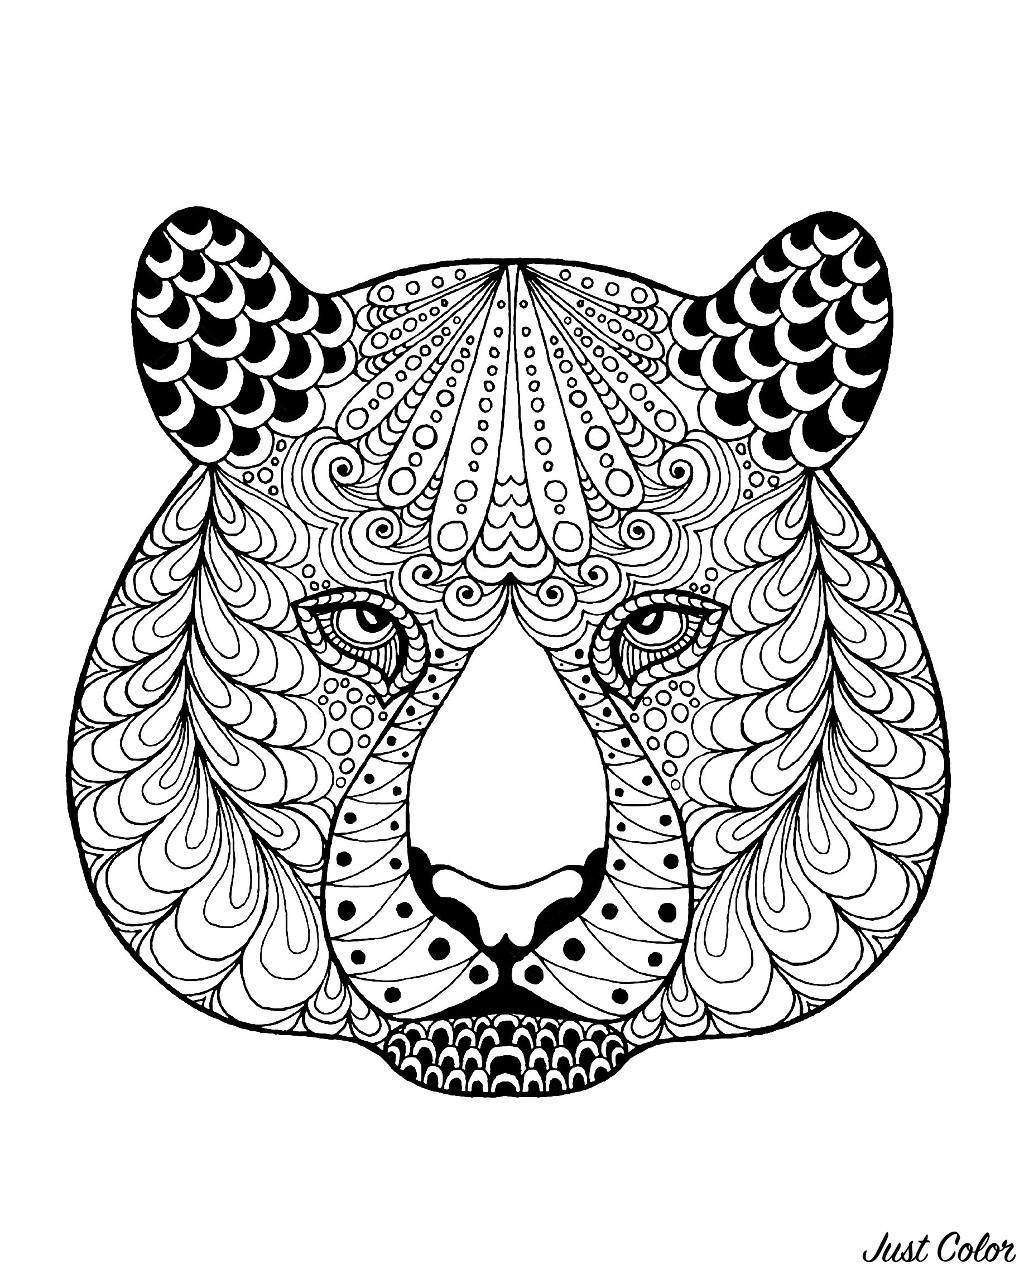 Disegni da colorare per adulti : Tigri - 2